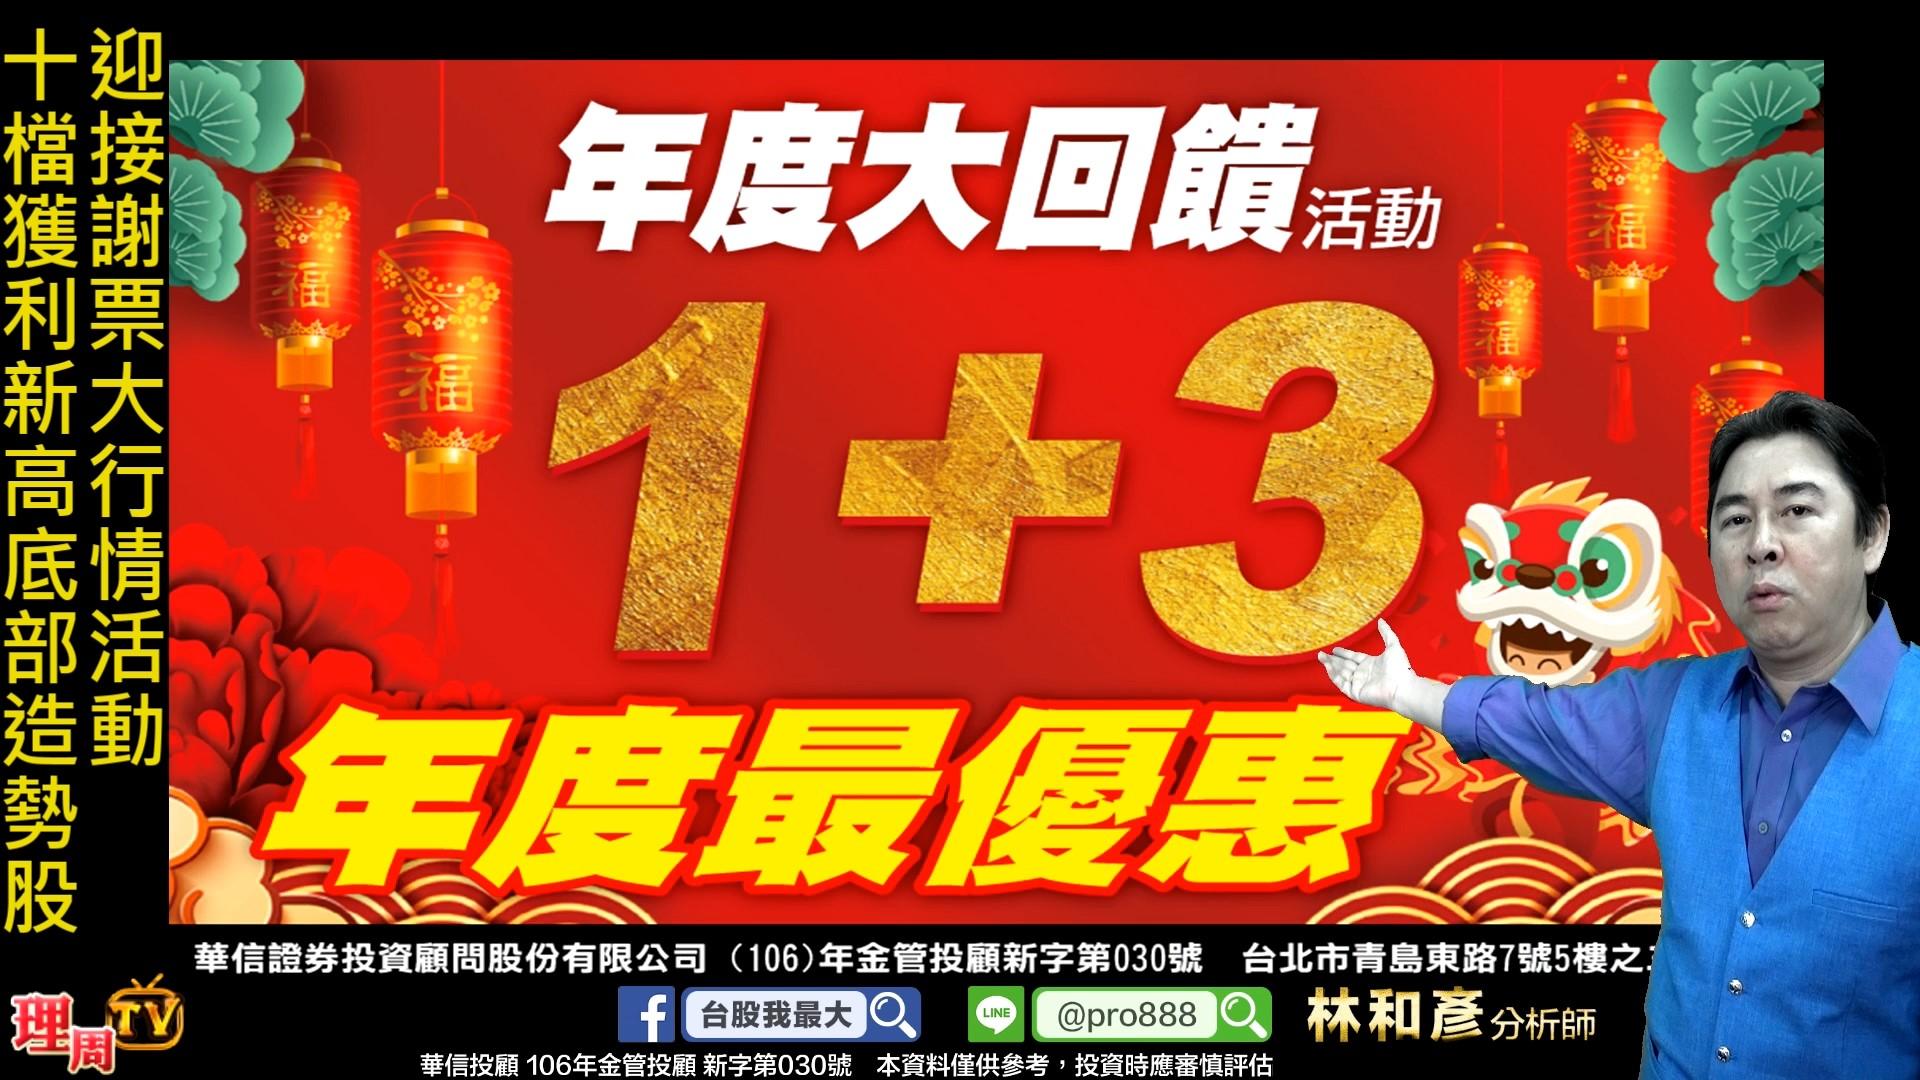 美股漲幅第一名 特斯拉197%(貿聯)第二名新聚思92%(神達)第三名蘋果86%第四名AMD82%